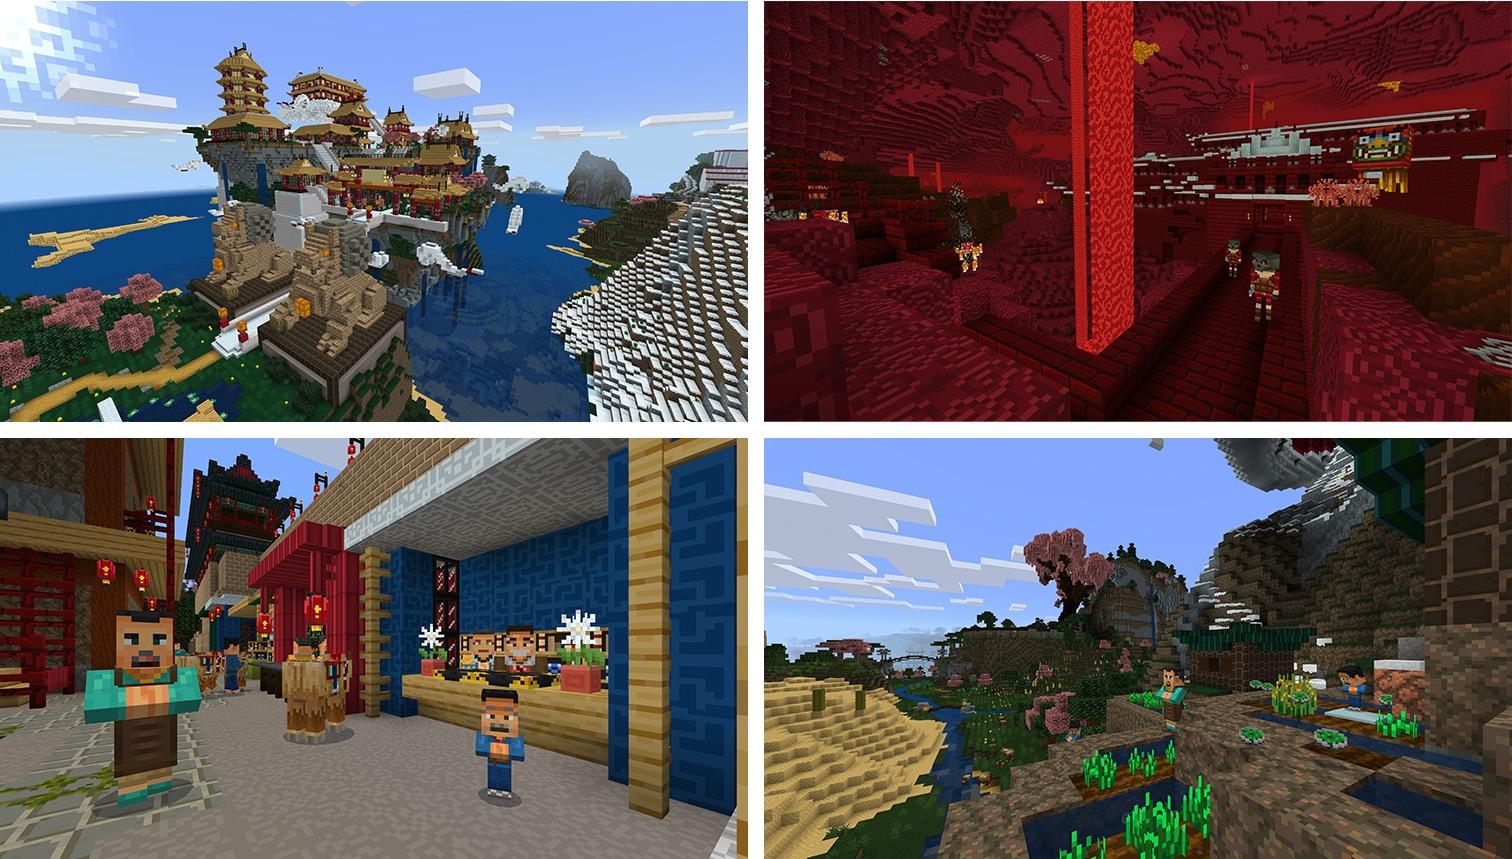 Minecraft: Pocket Edition gains Chinese Mythology mashup pack